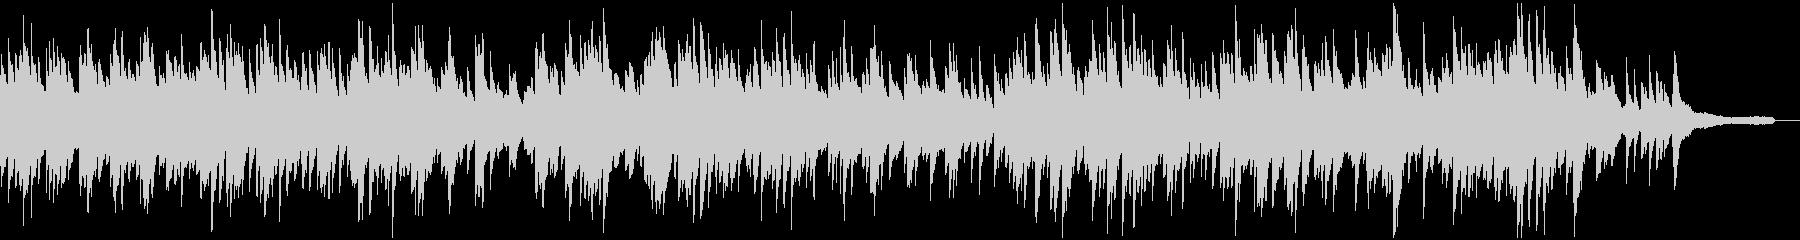 スローテンポの優しいピアノソロの未再生の波形